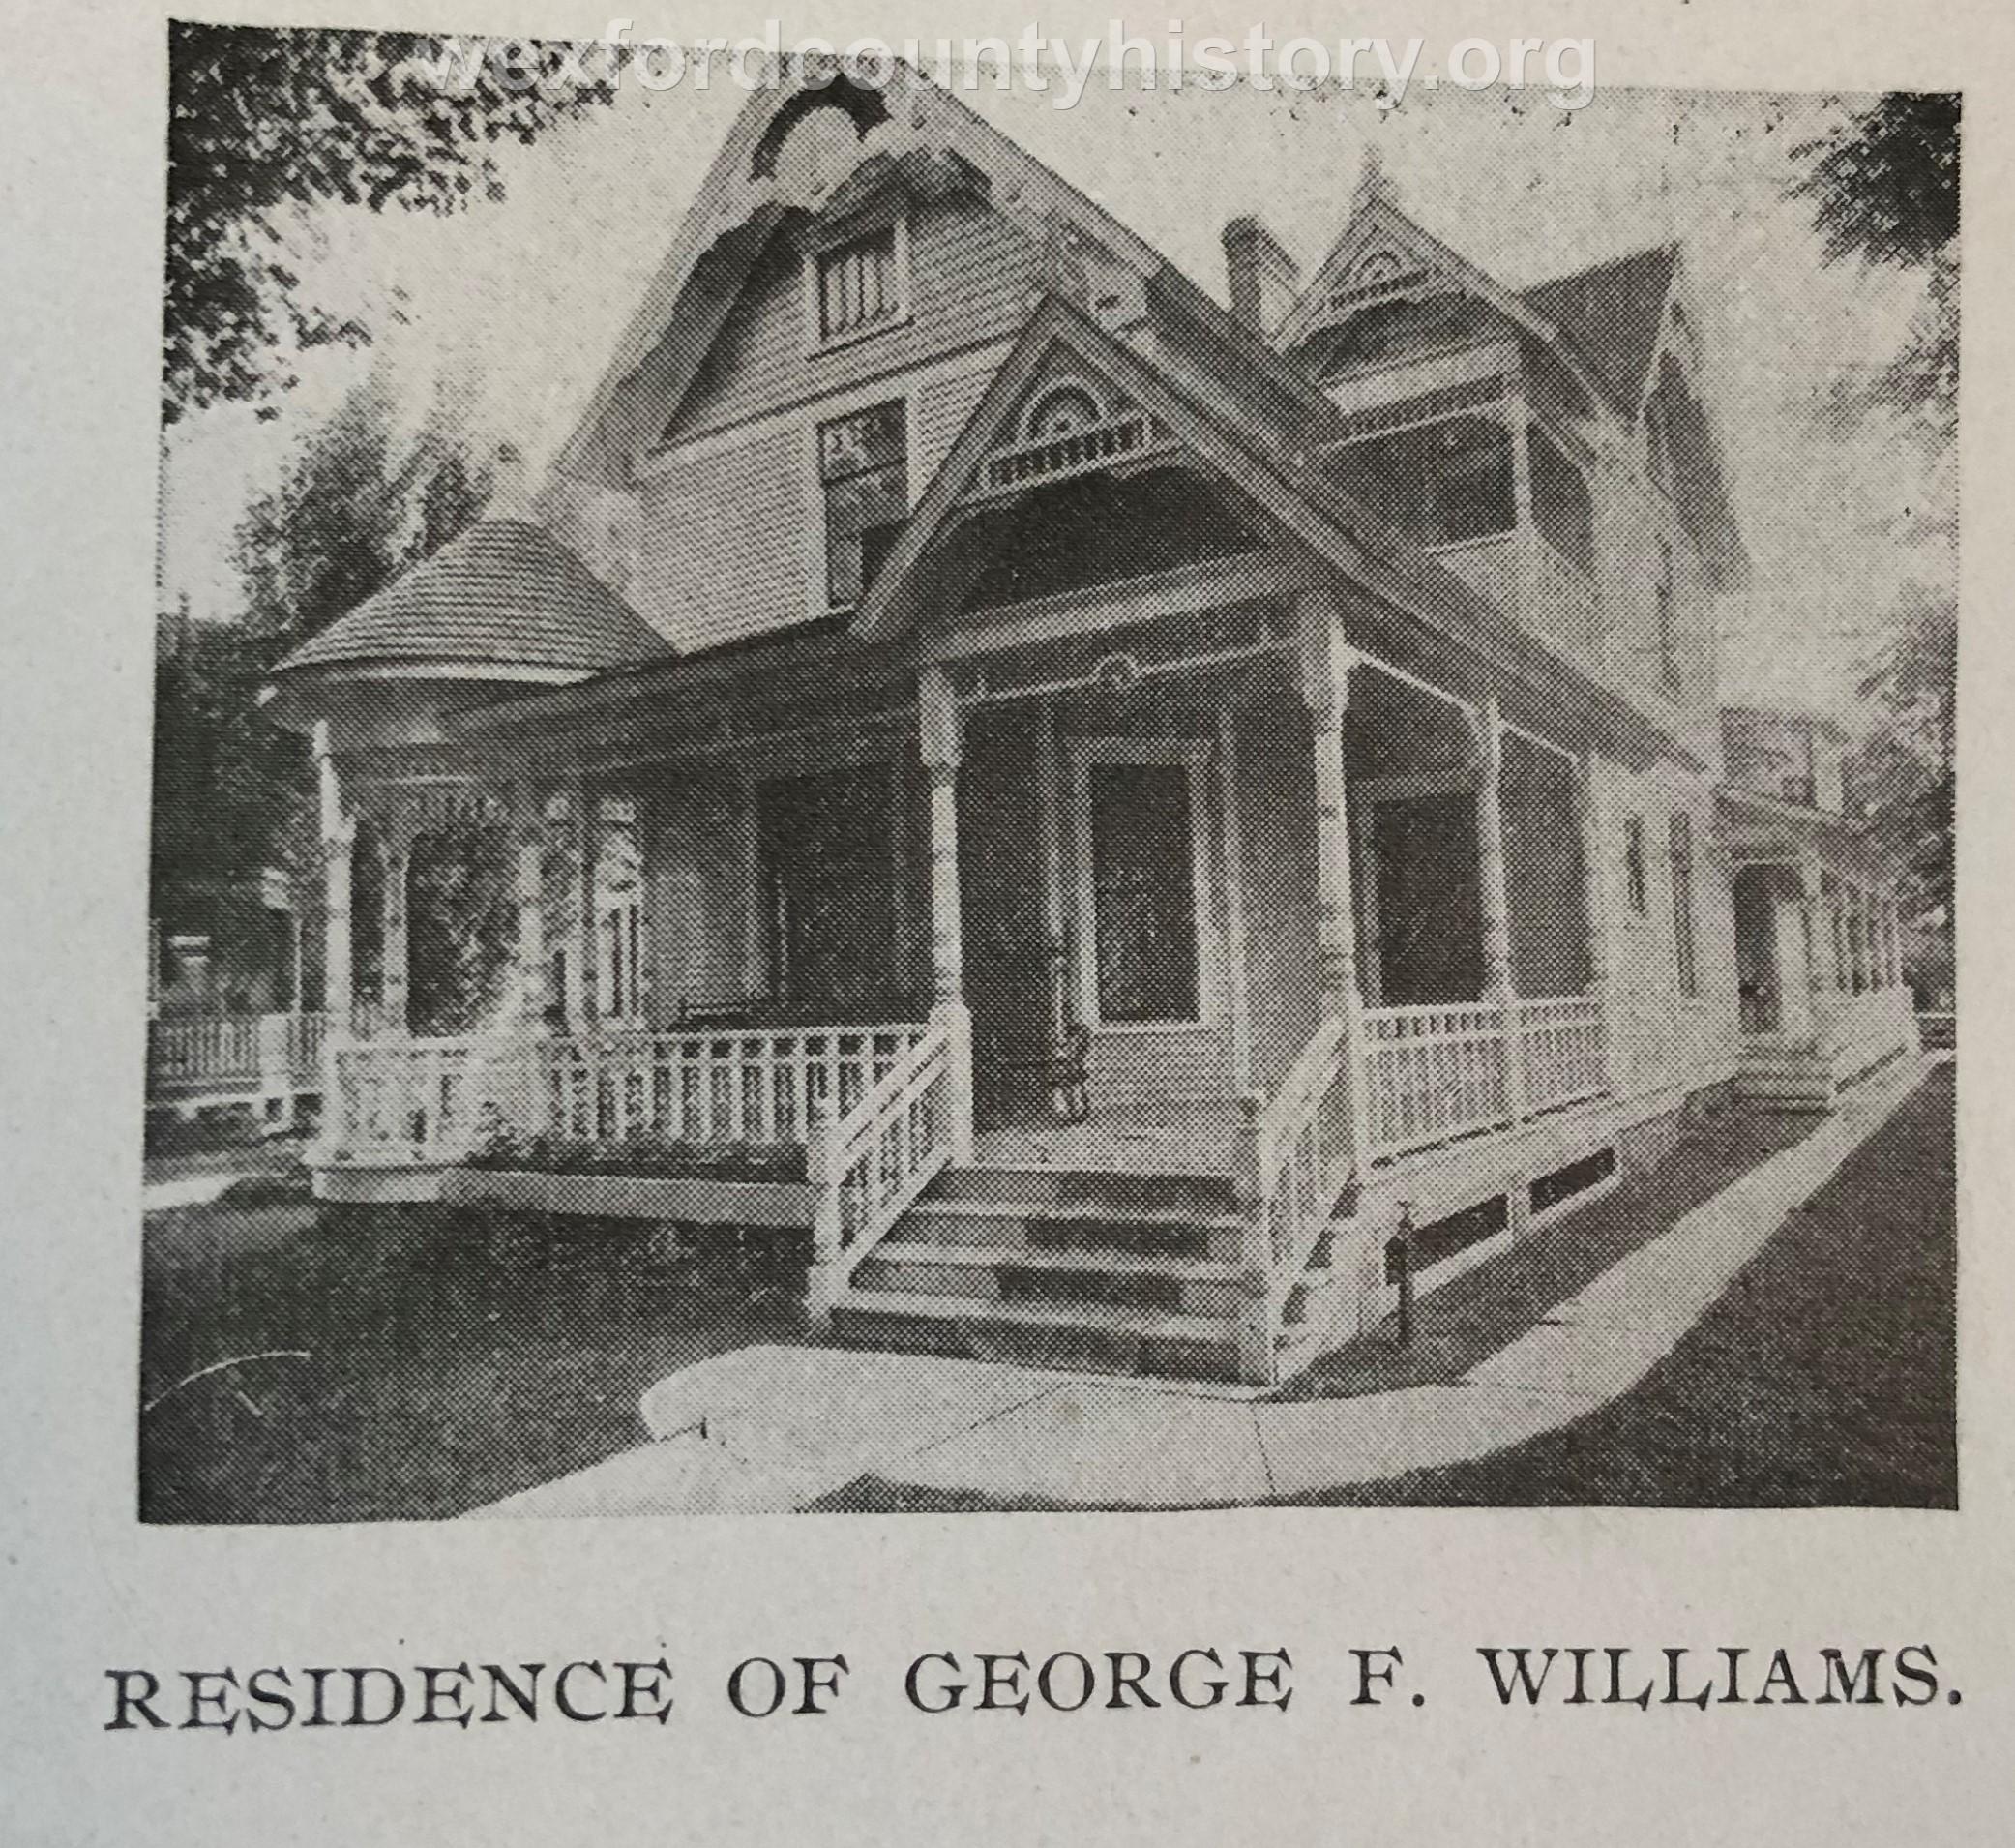 George F. Williams House